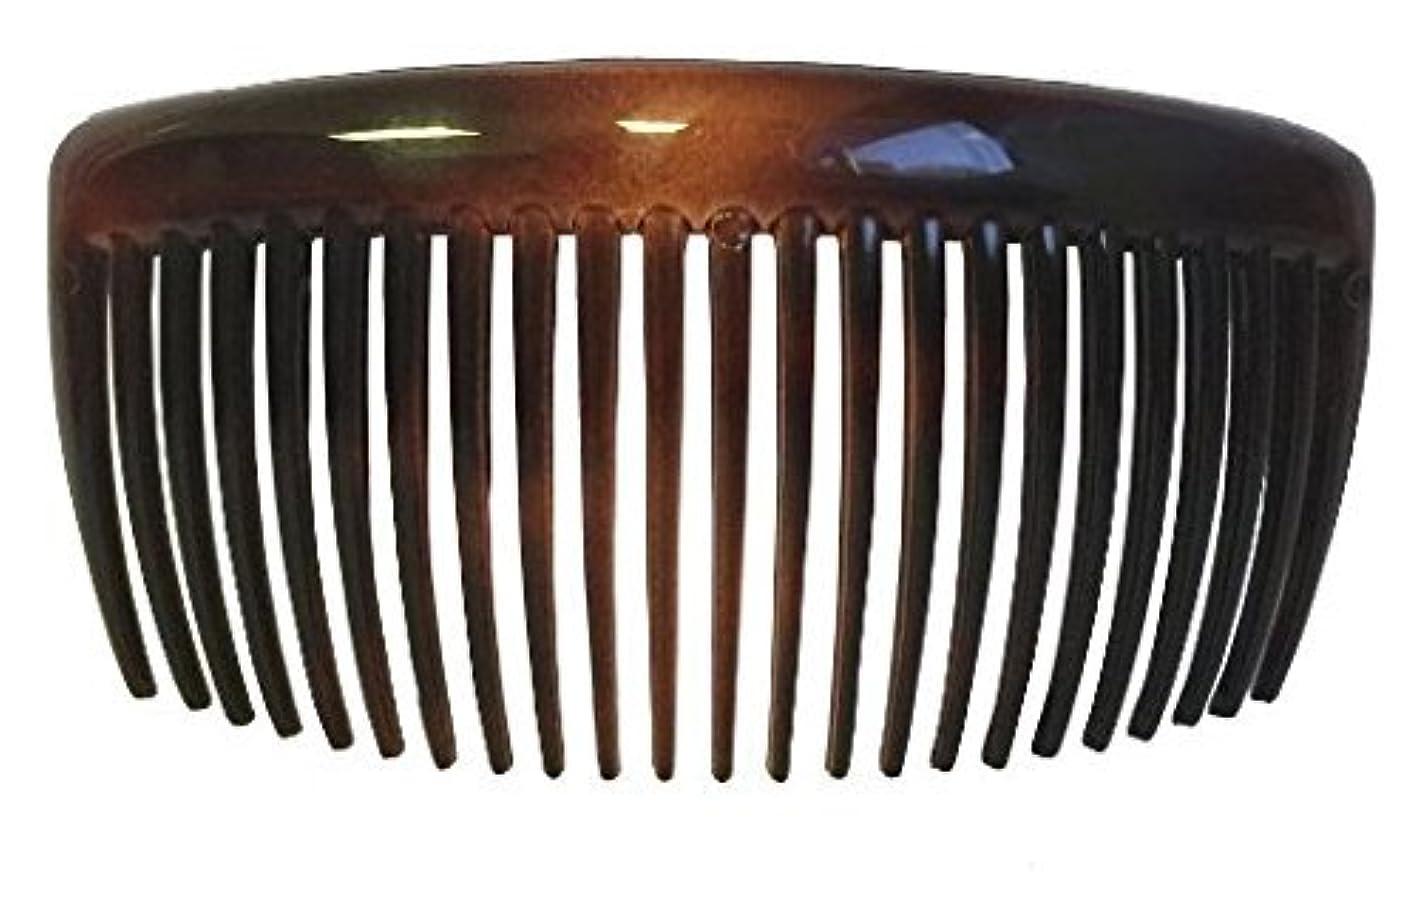 噴火アマゾンジャングル支給Parcelona French Large 2 Pieces Glossy Celluloid Shell Good Grip Updo 23 Teeth Hair Side Combs 4.25 Inches for...